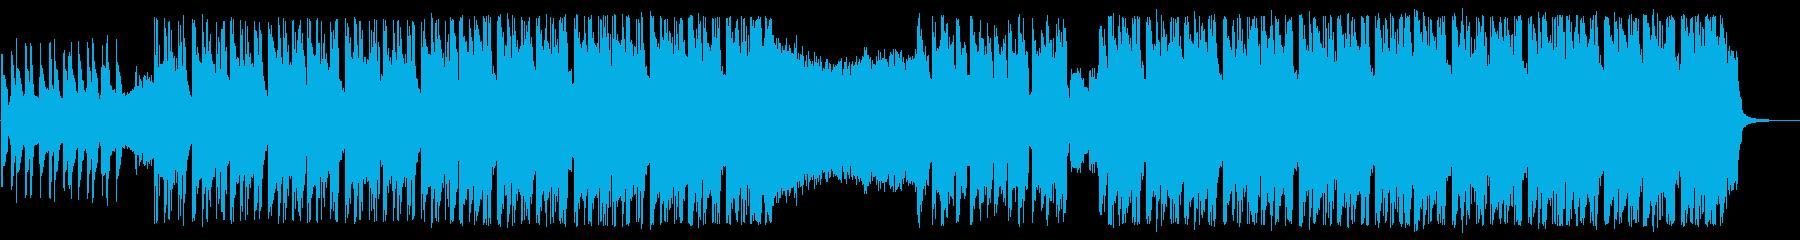 エレクトロ×ギターのハイブリッドロックの再生済みの波形